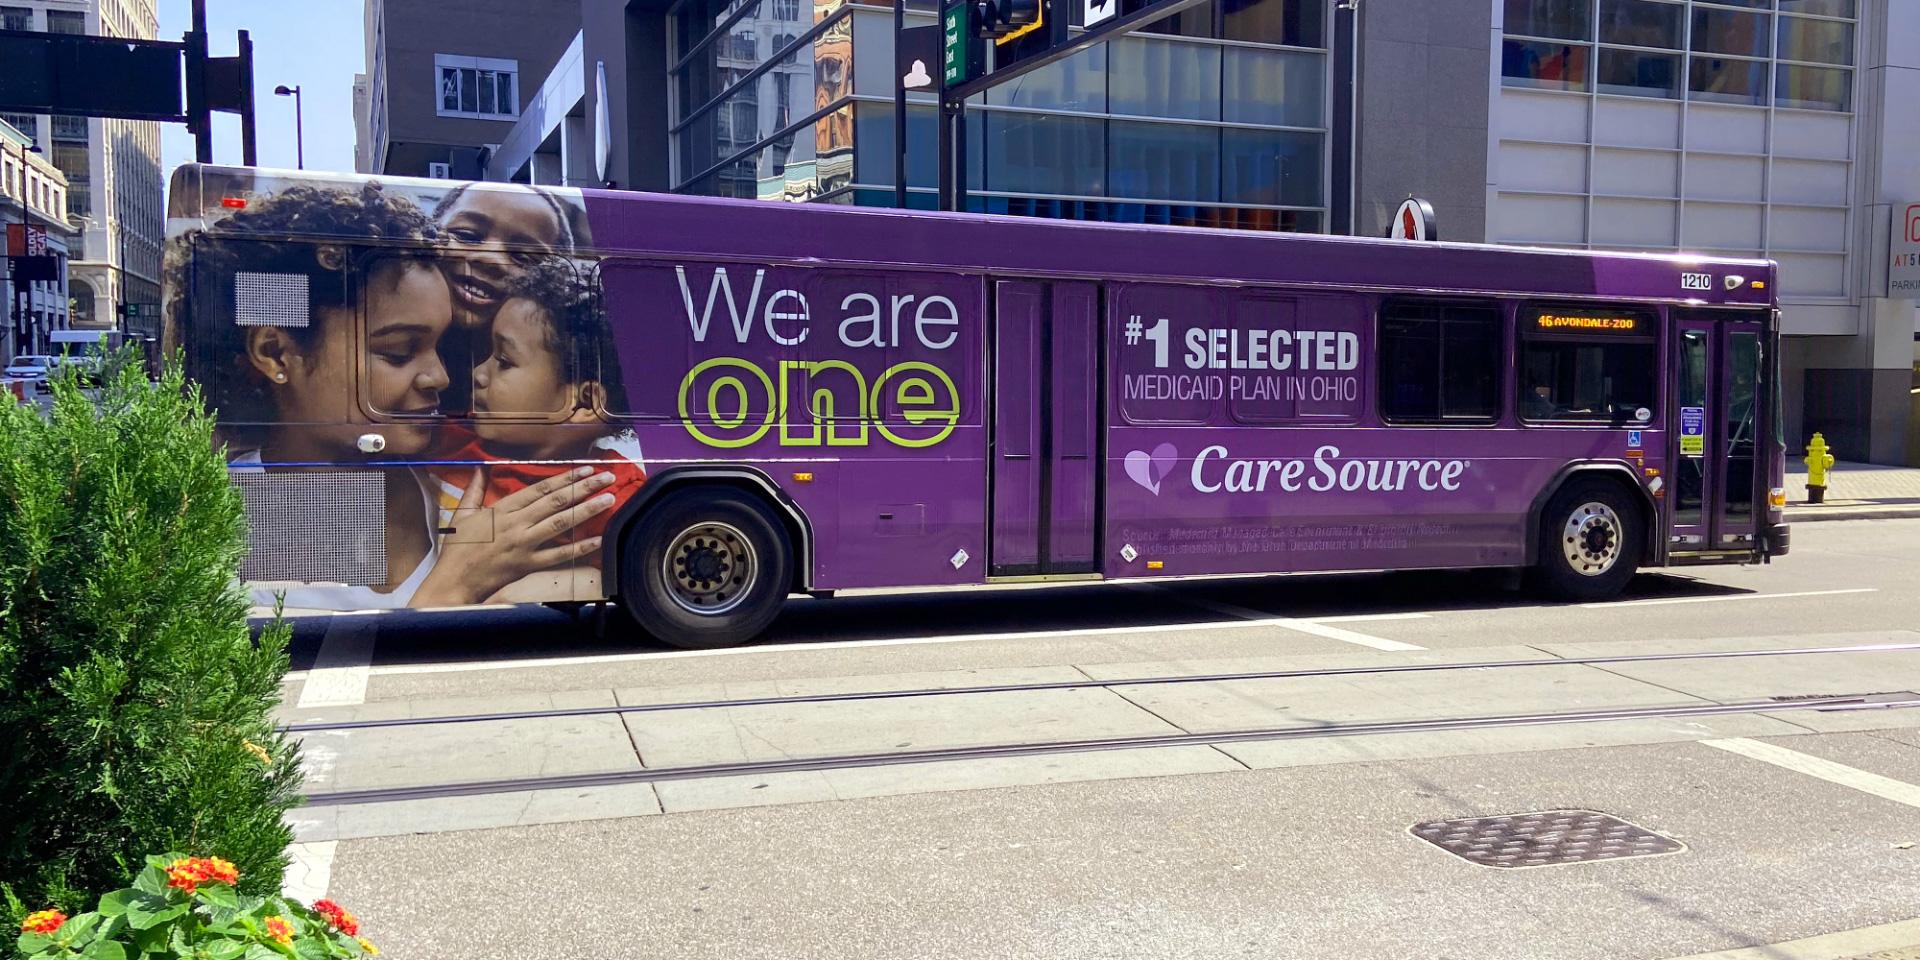 CareSource Bus Wrap